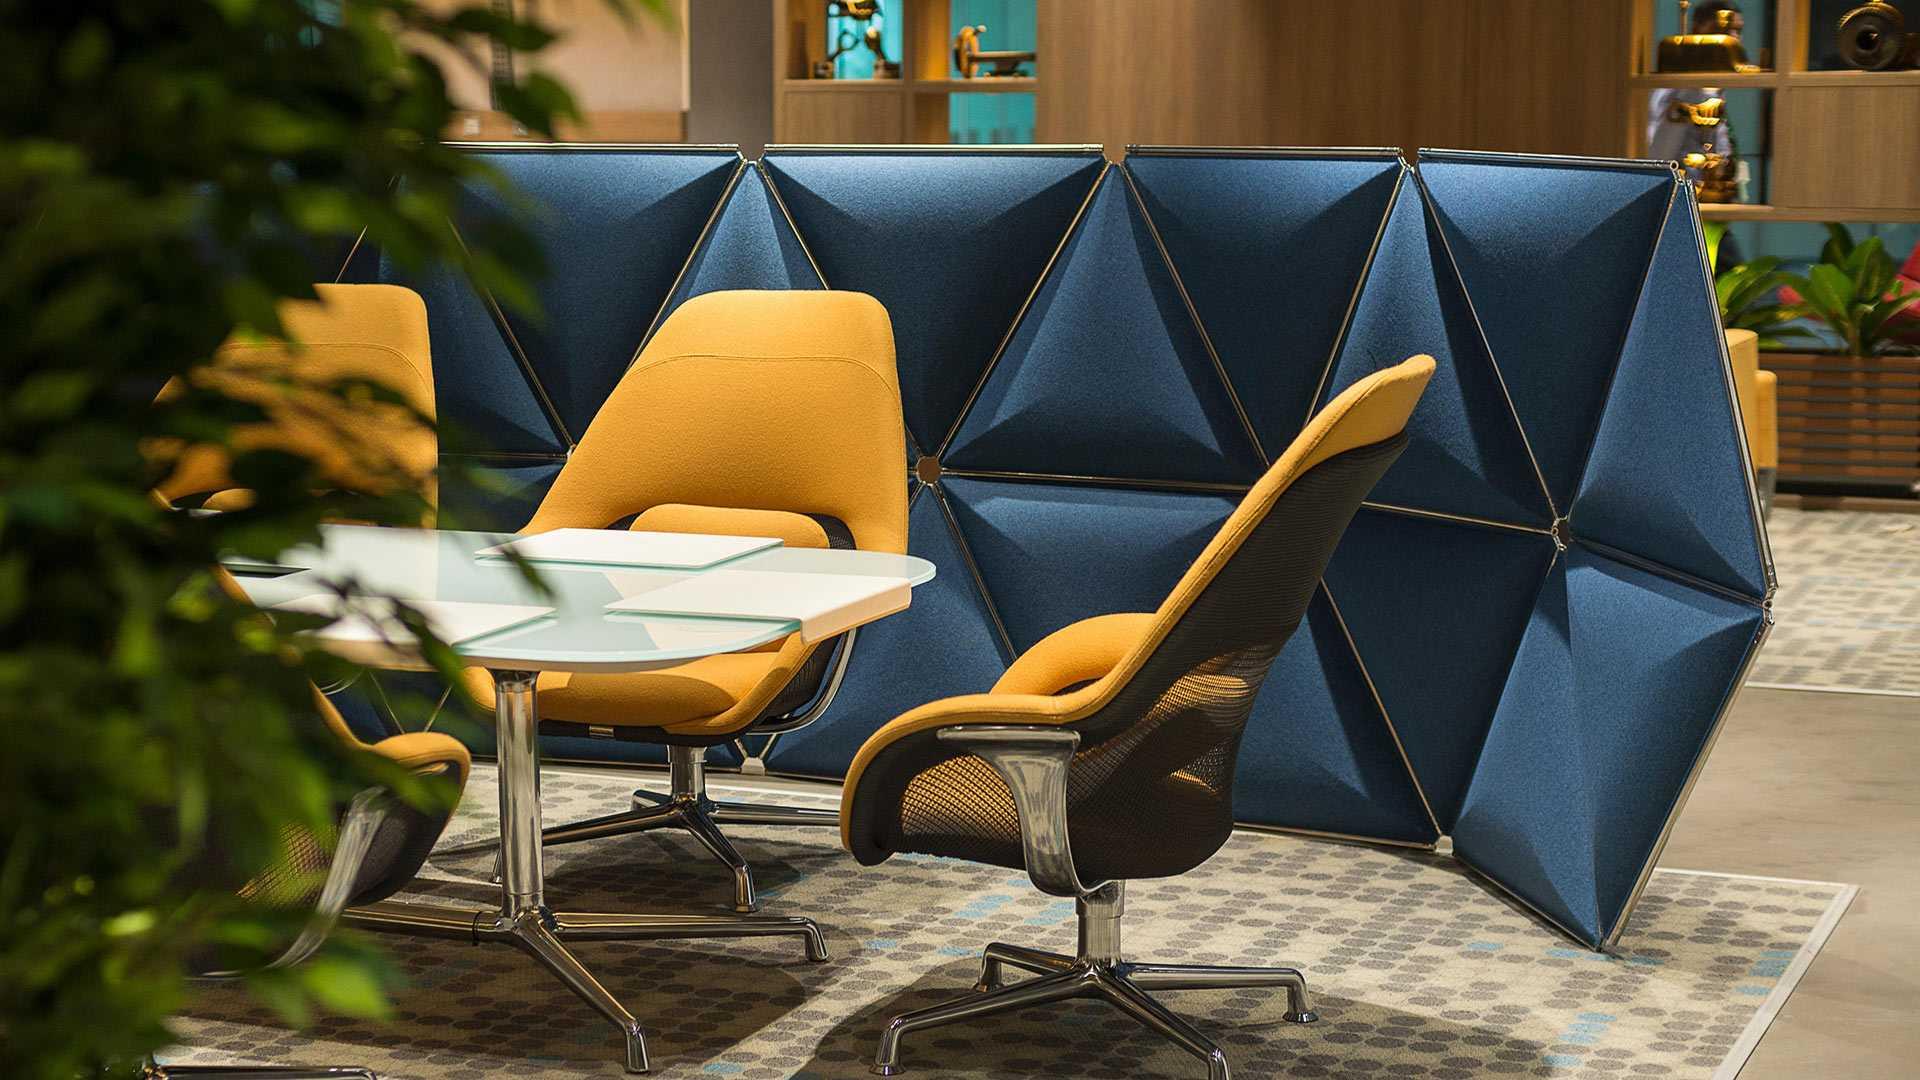 GE Digital Interiors